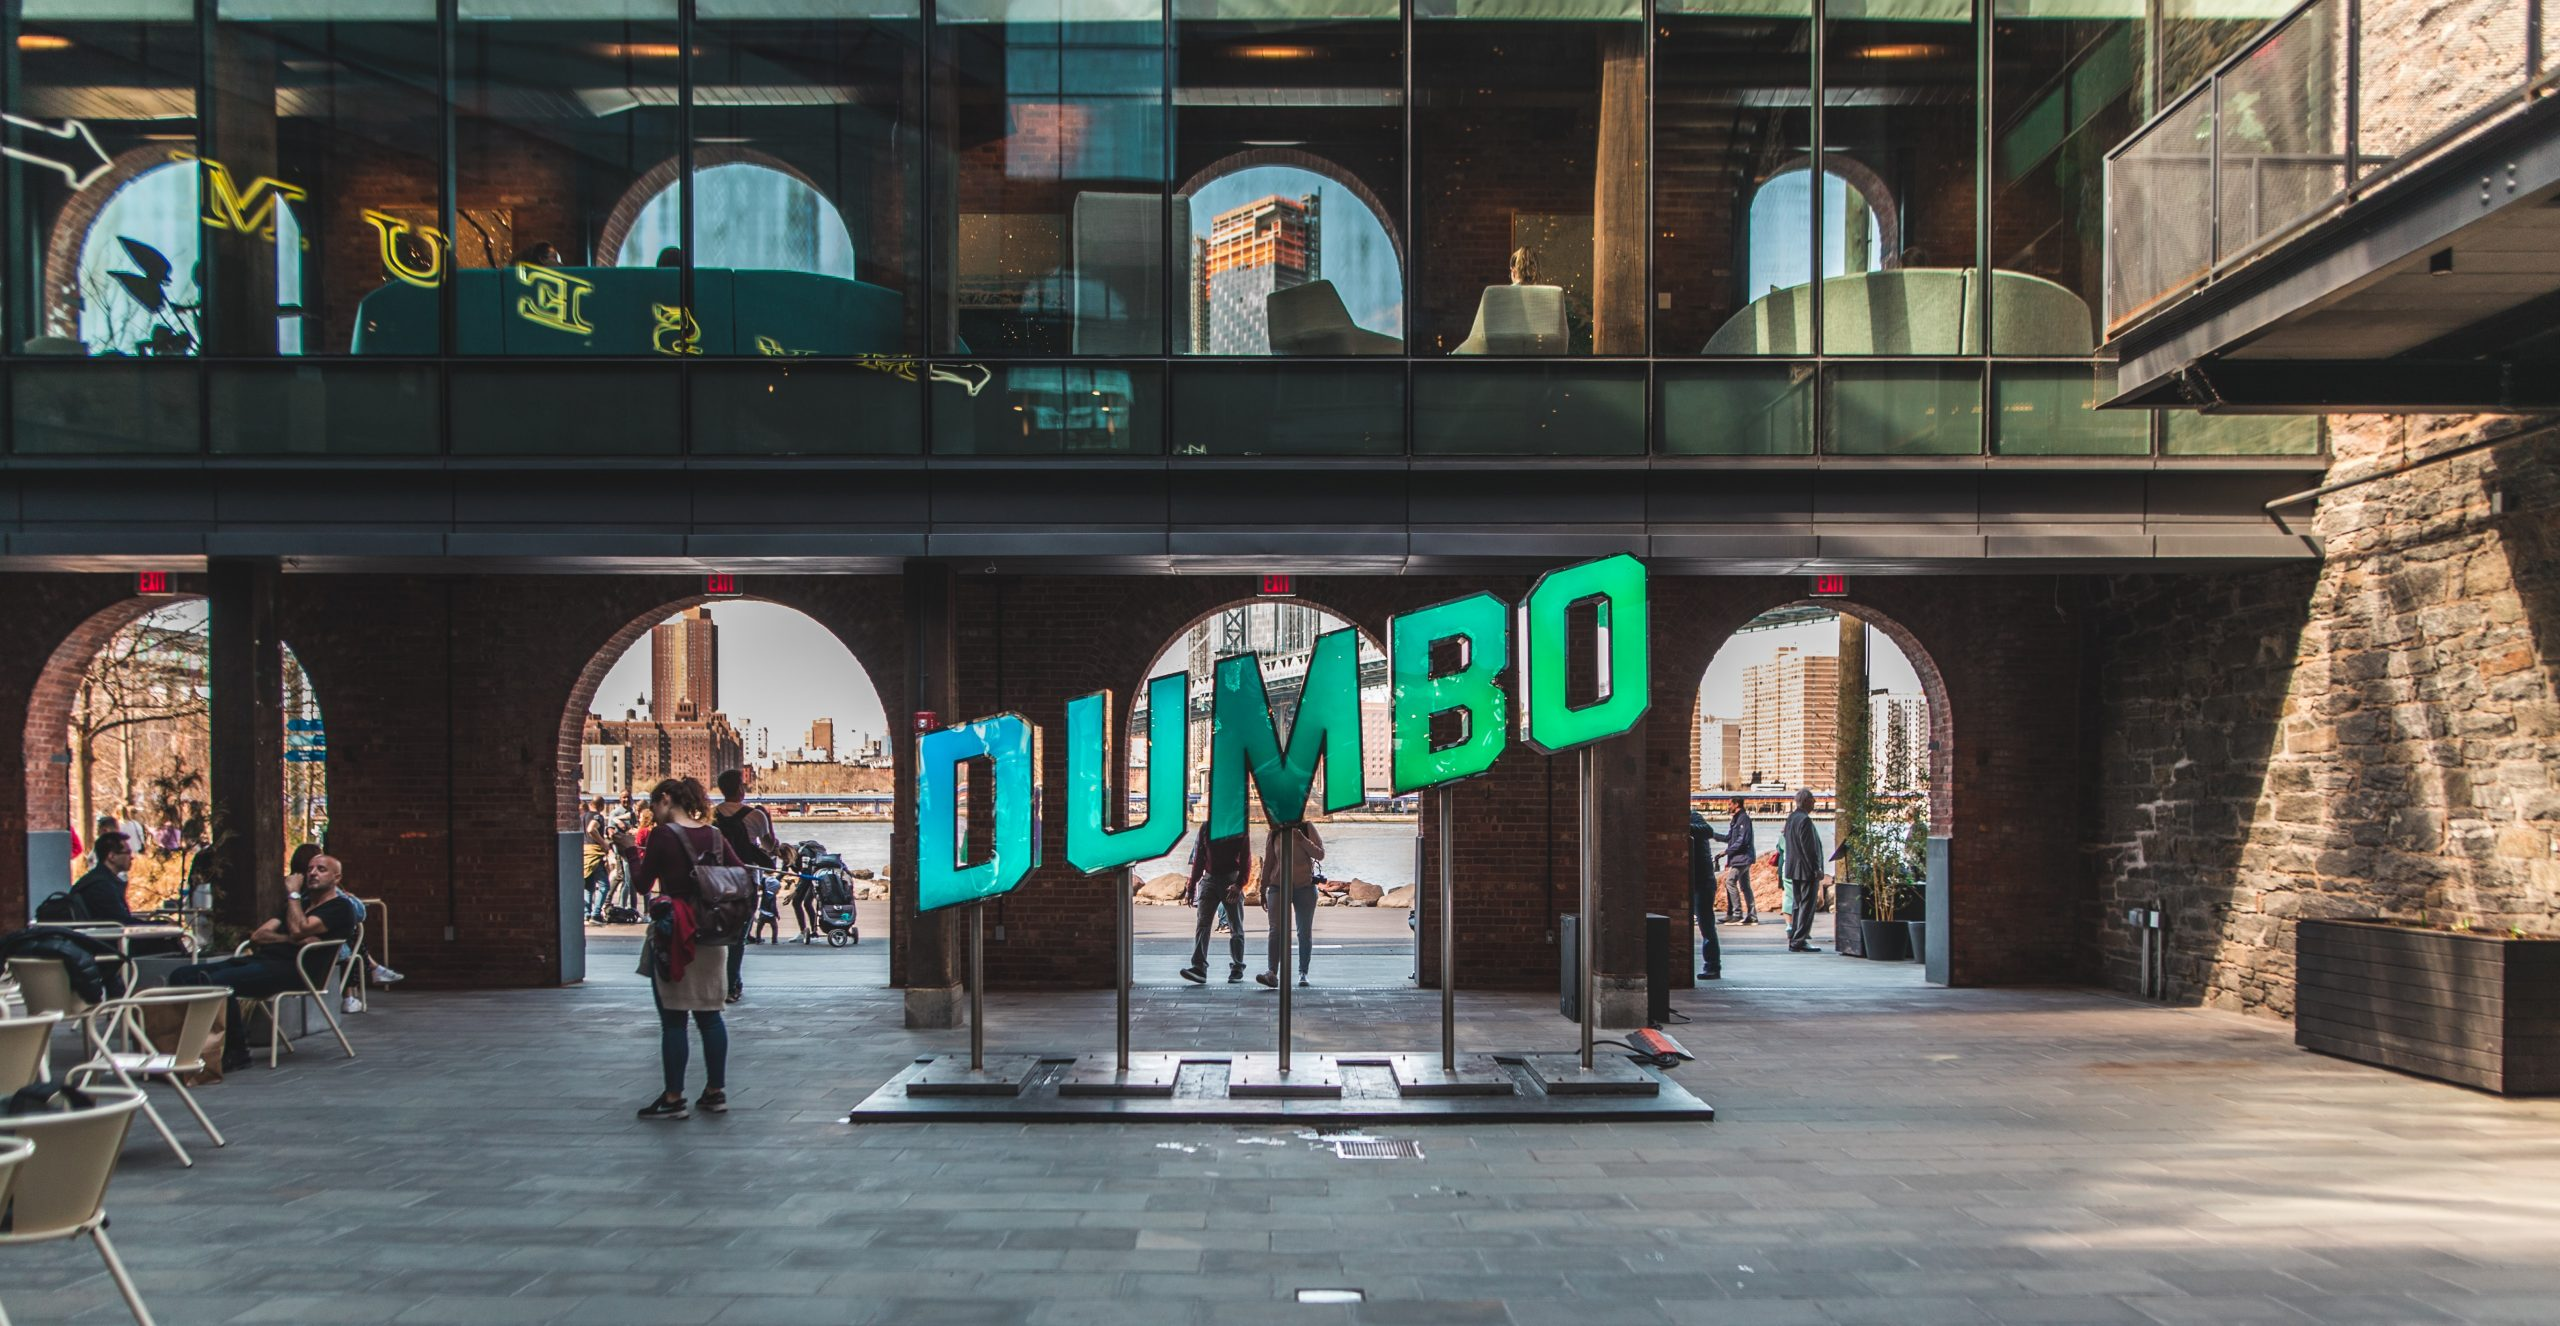 DUMBO glow sign